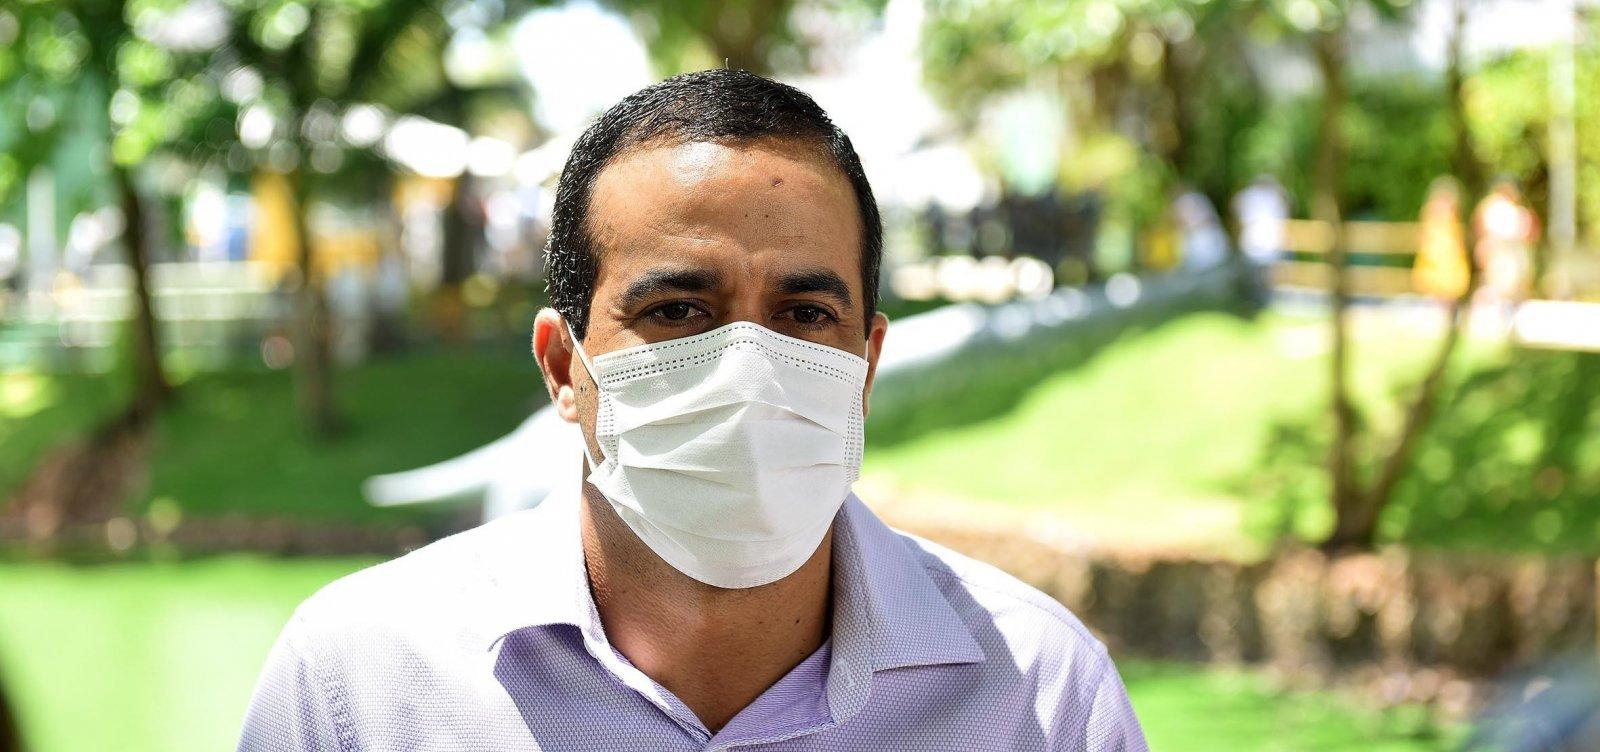 Prefeitura de Salvador pedirá prioridade para receber Coronavac